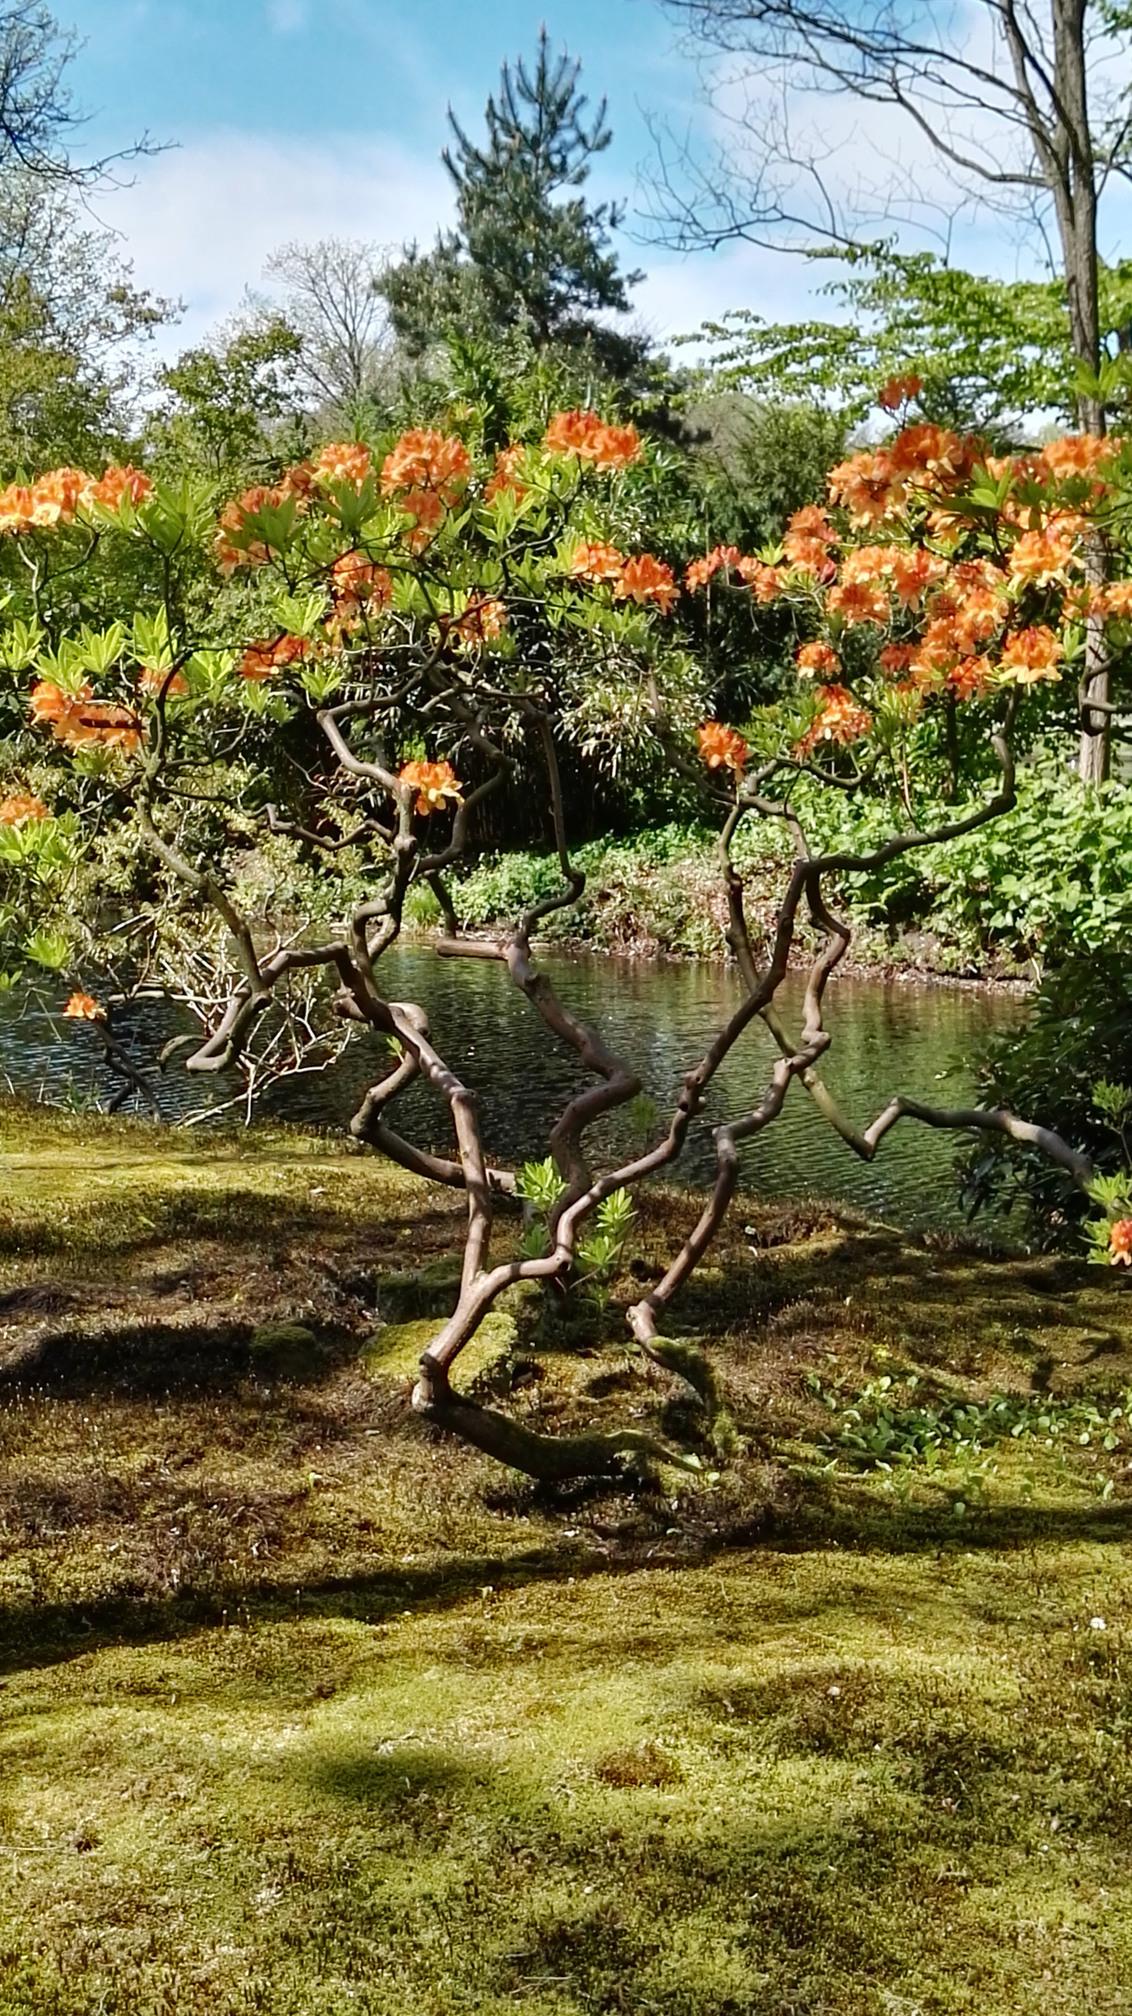 Japanse Tuin - Alles in bloei in de Japanse Tuin  Wassenaar. - foto door BertineVrijland op 30-04-2017 - deze foto bevat: bloem, tuin